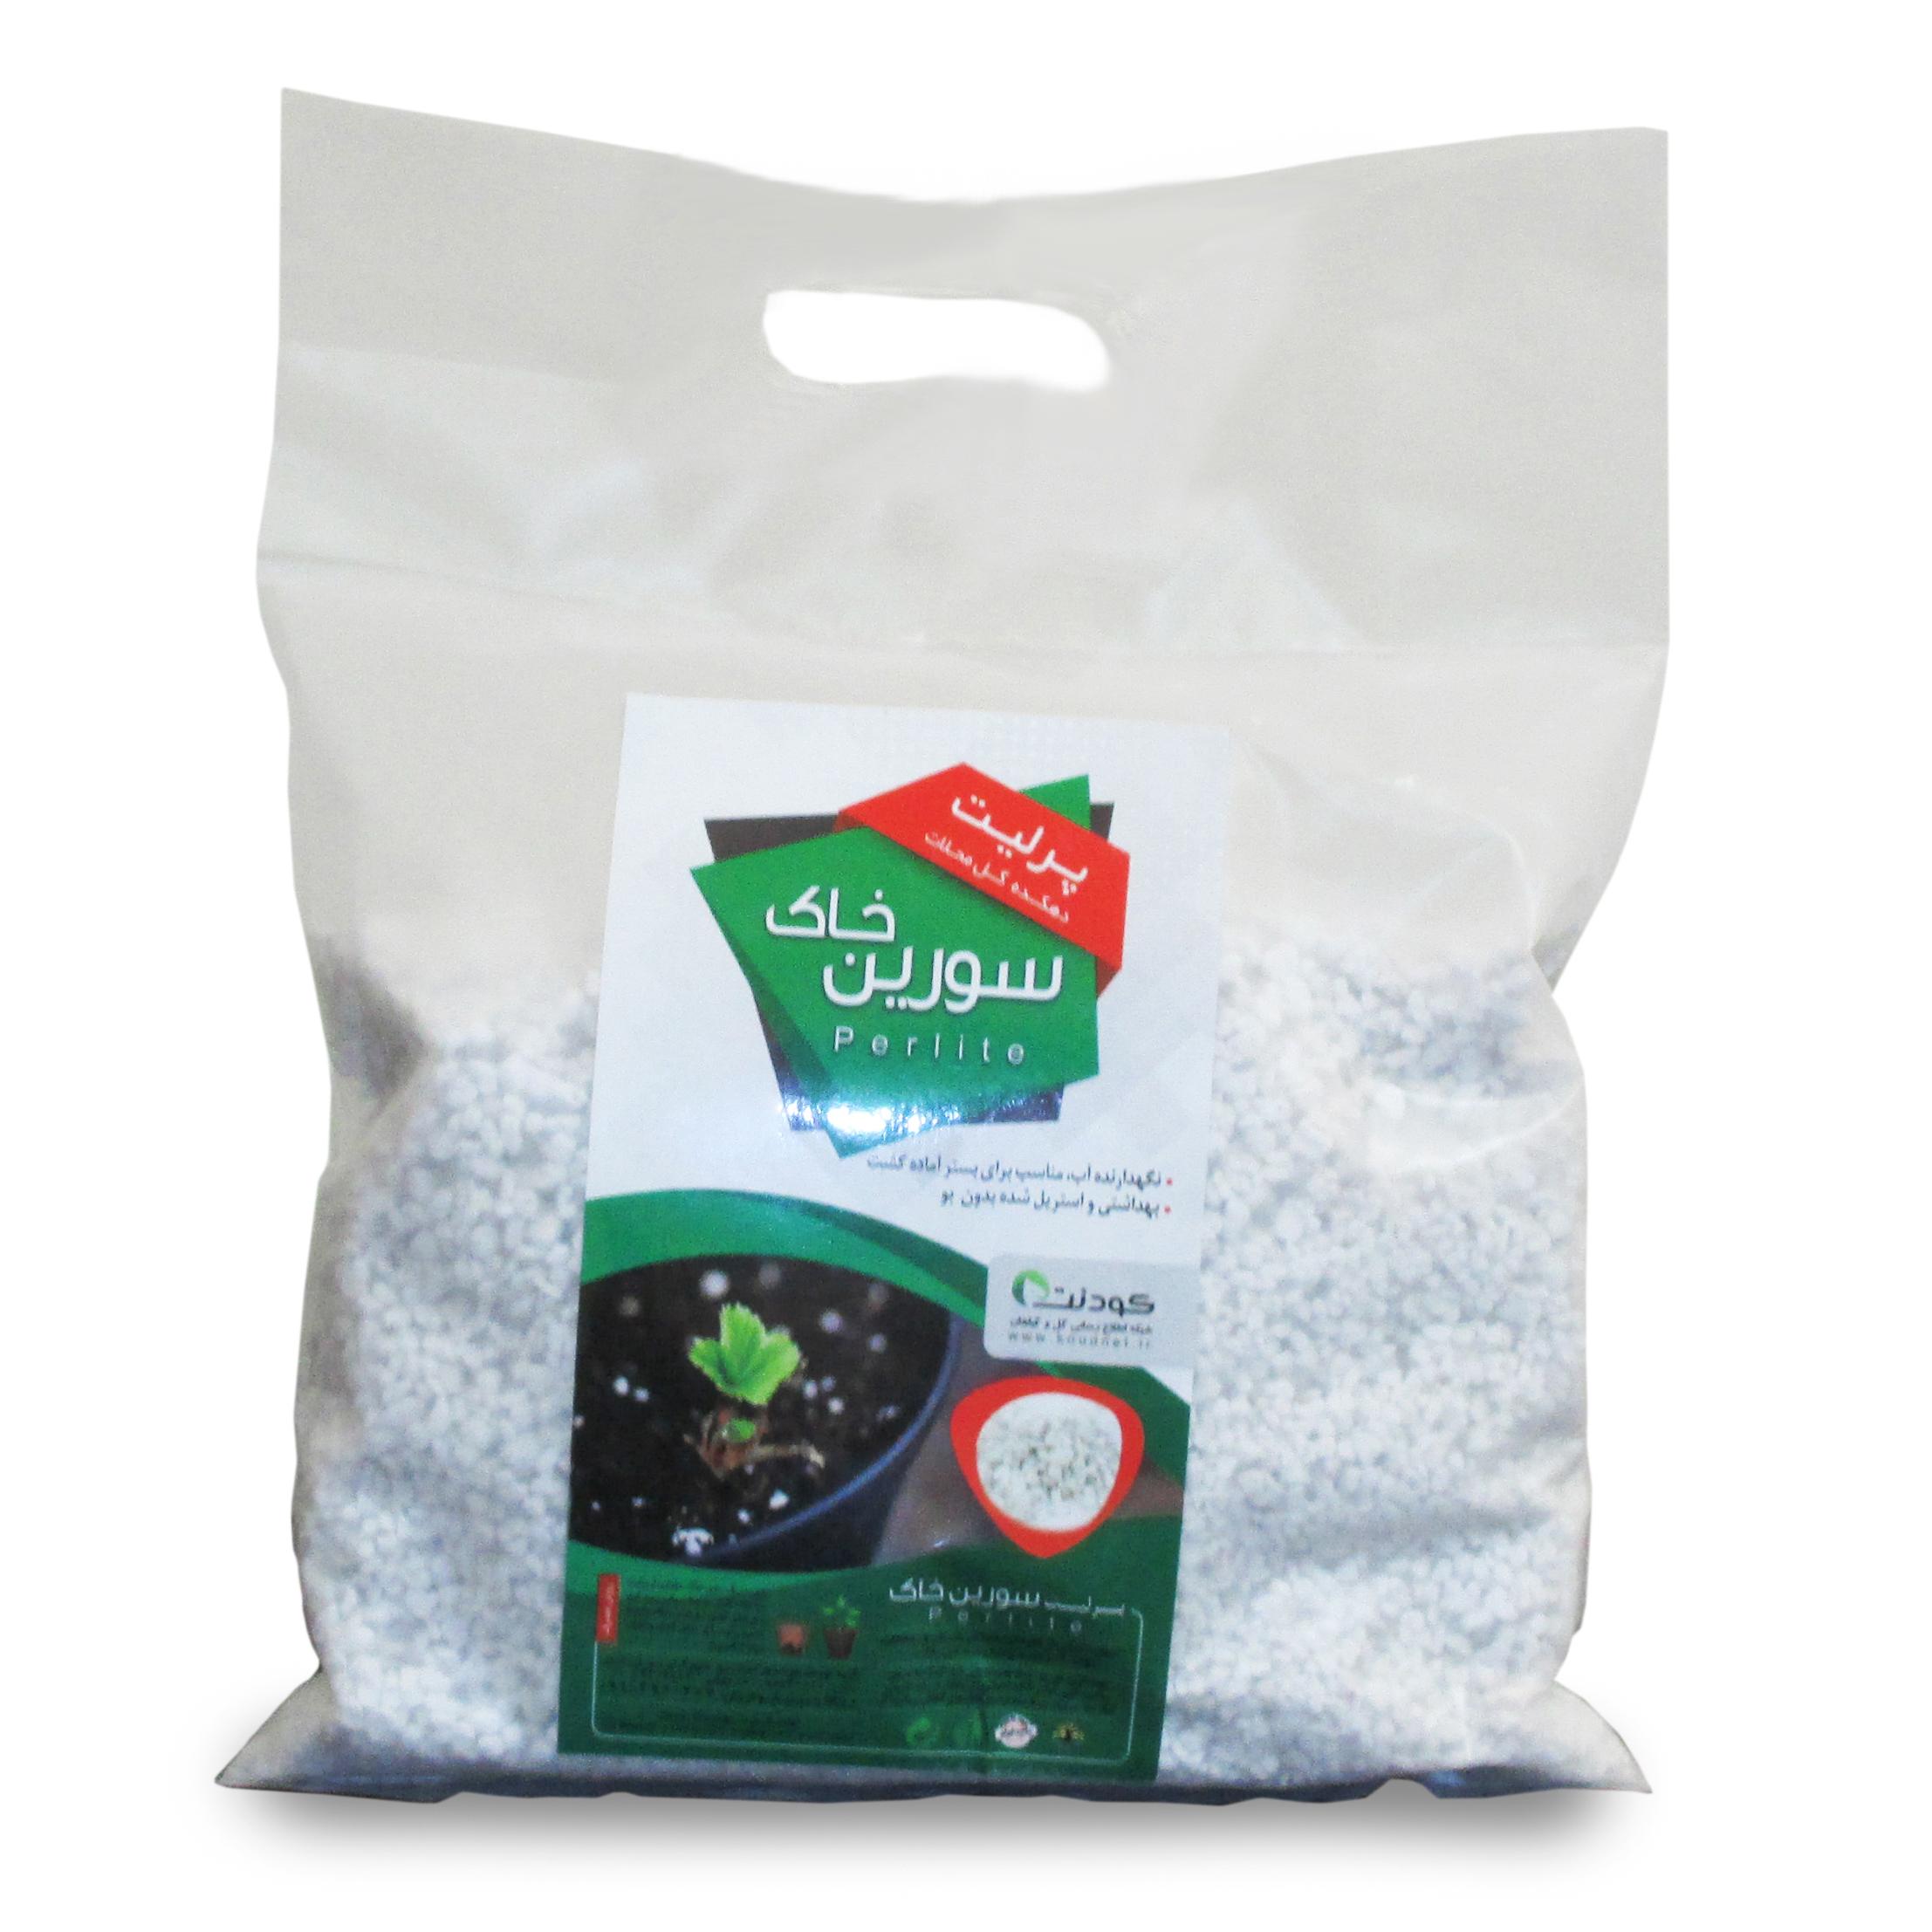 پرلیت دانه ریز سورین خاک (بسته کوچک)